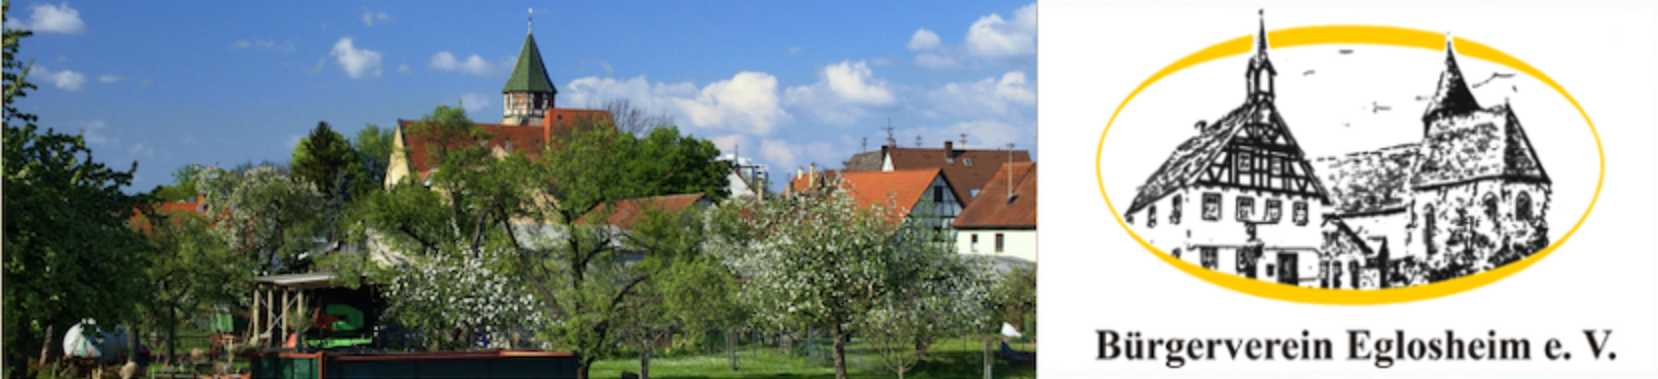 Bürgerverein Eglosheim e.V.